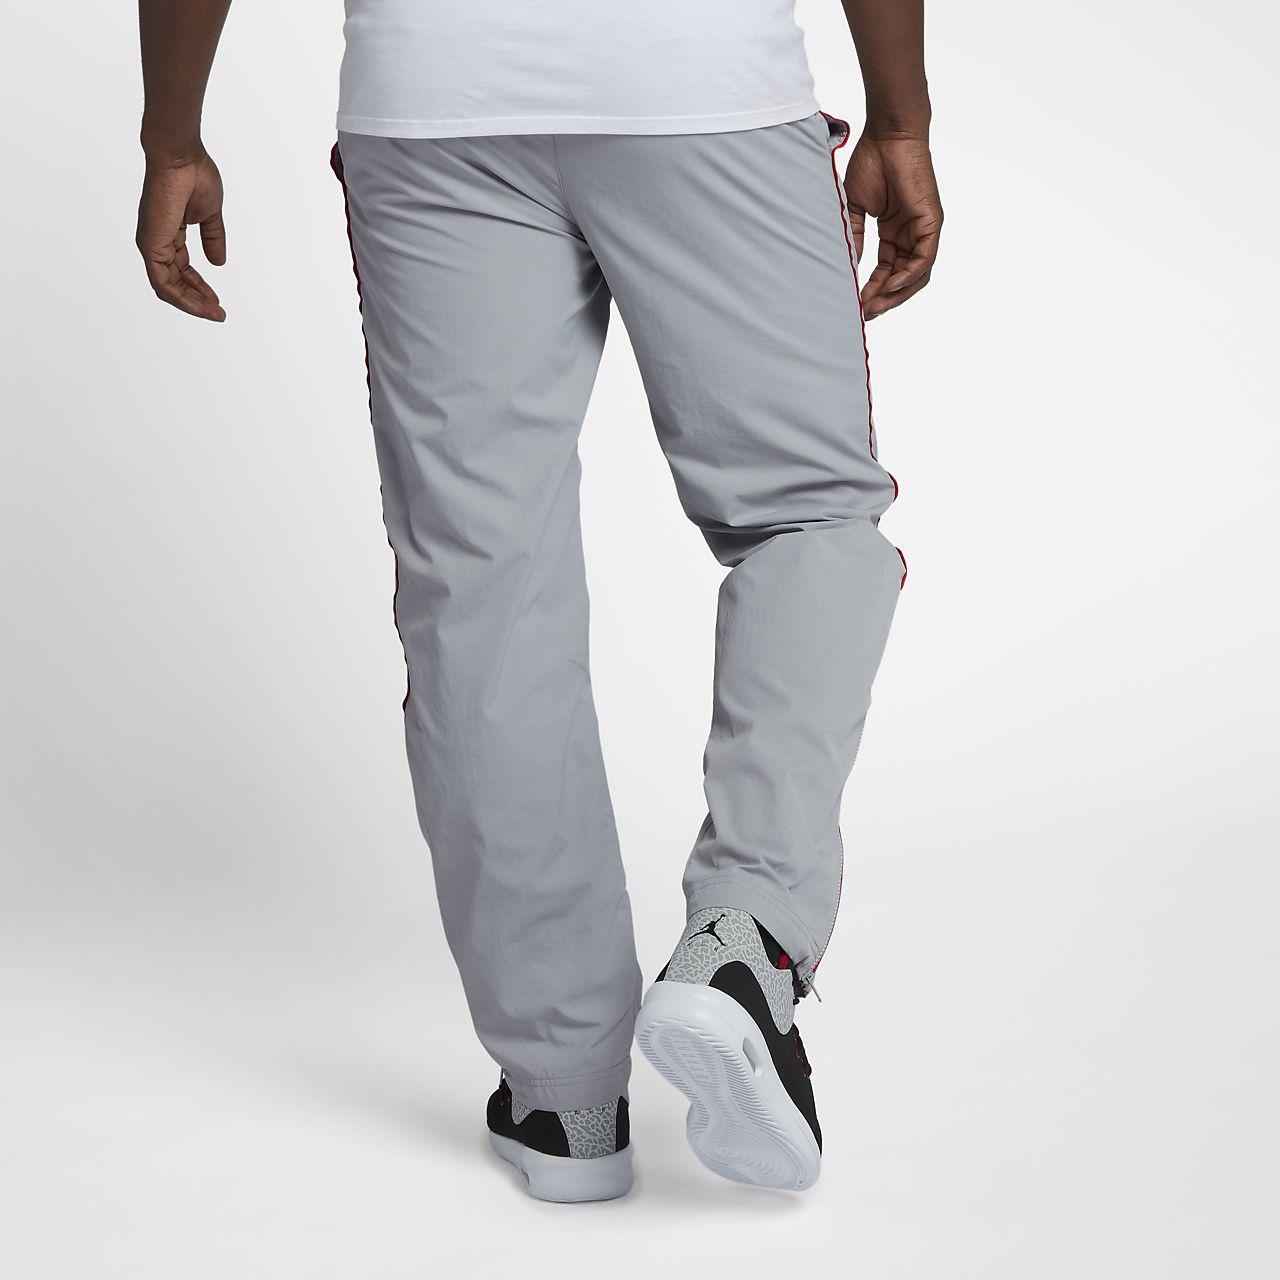 ... Jordan Sportswear AJ 3 Men's Woven Trousers